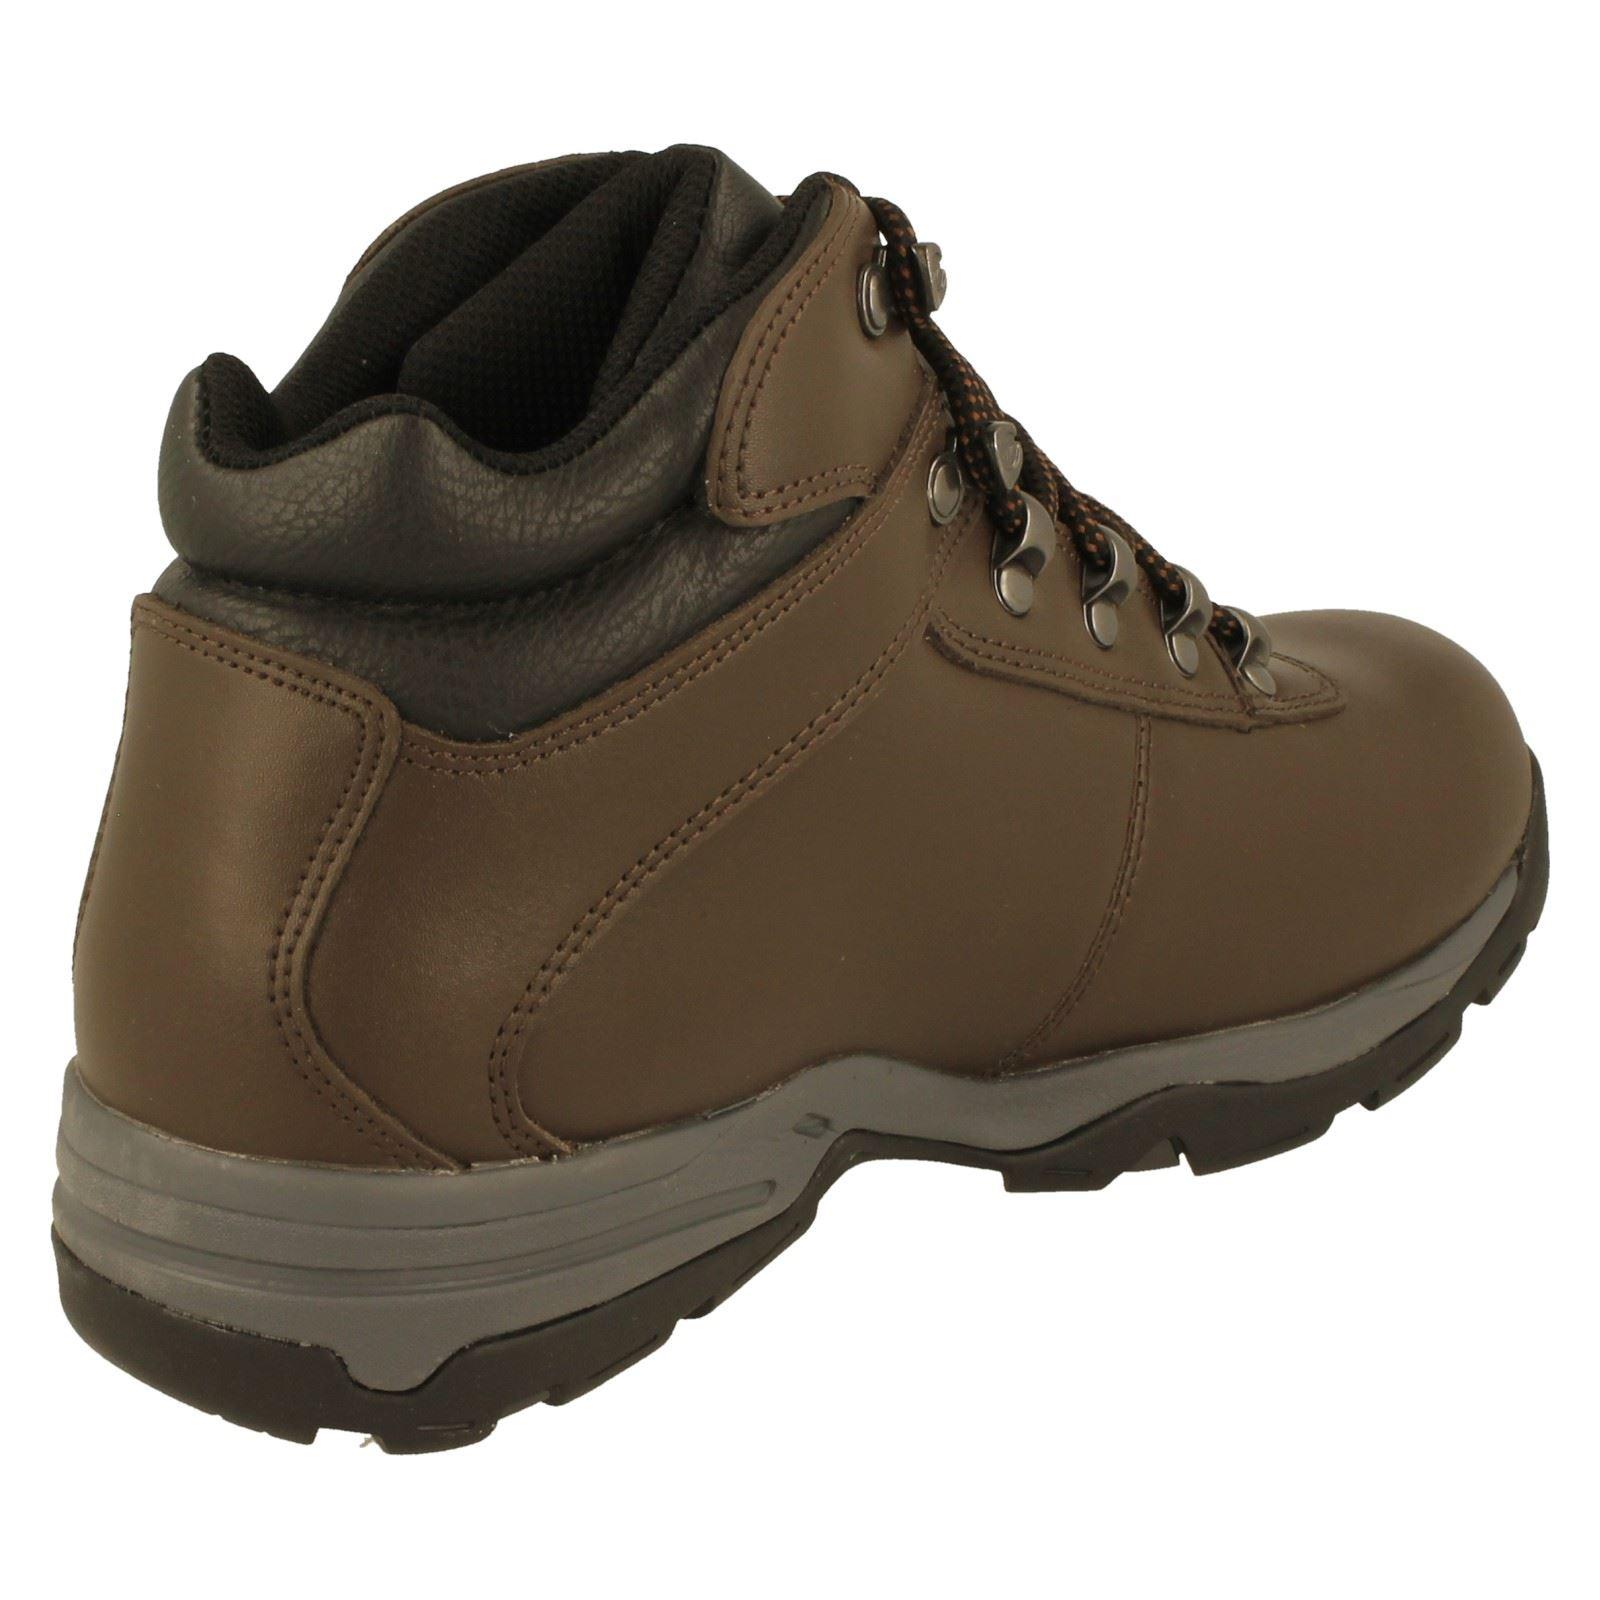 Señoras Caminar Botas Estilo Eurotrek III Wp Mujer-W